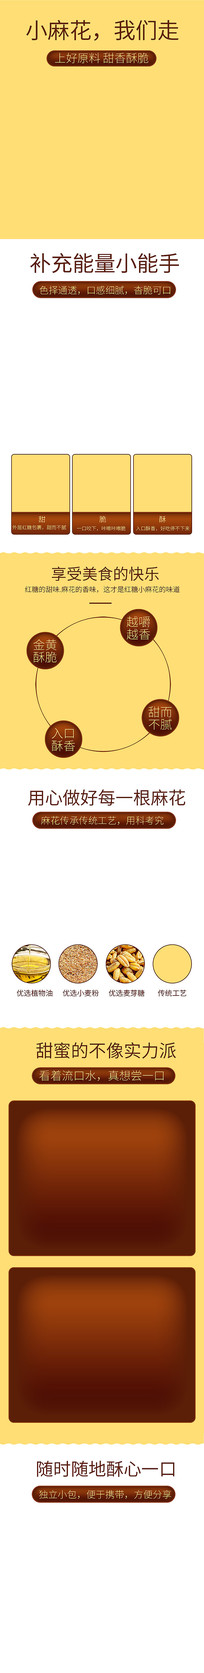 红糖麻花详情页产品描述模板 PSD